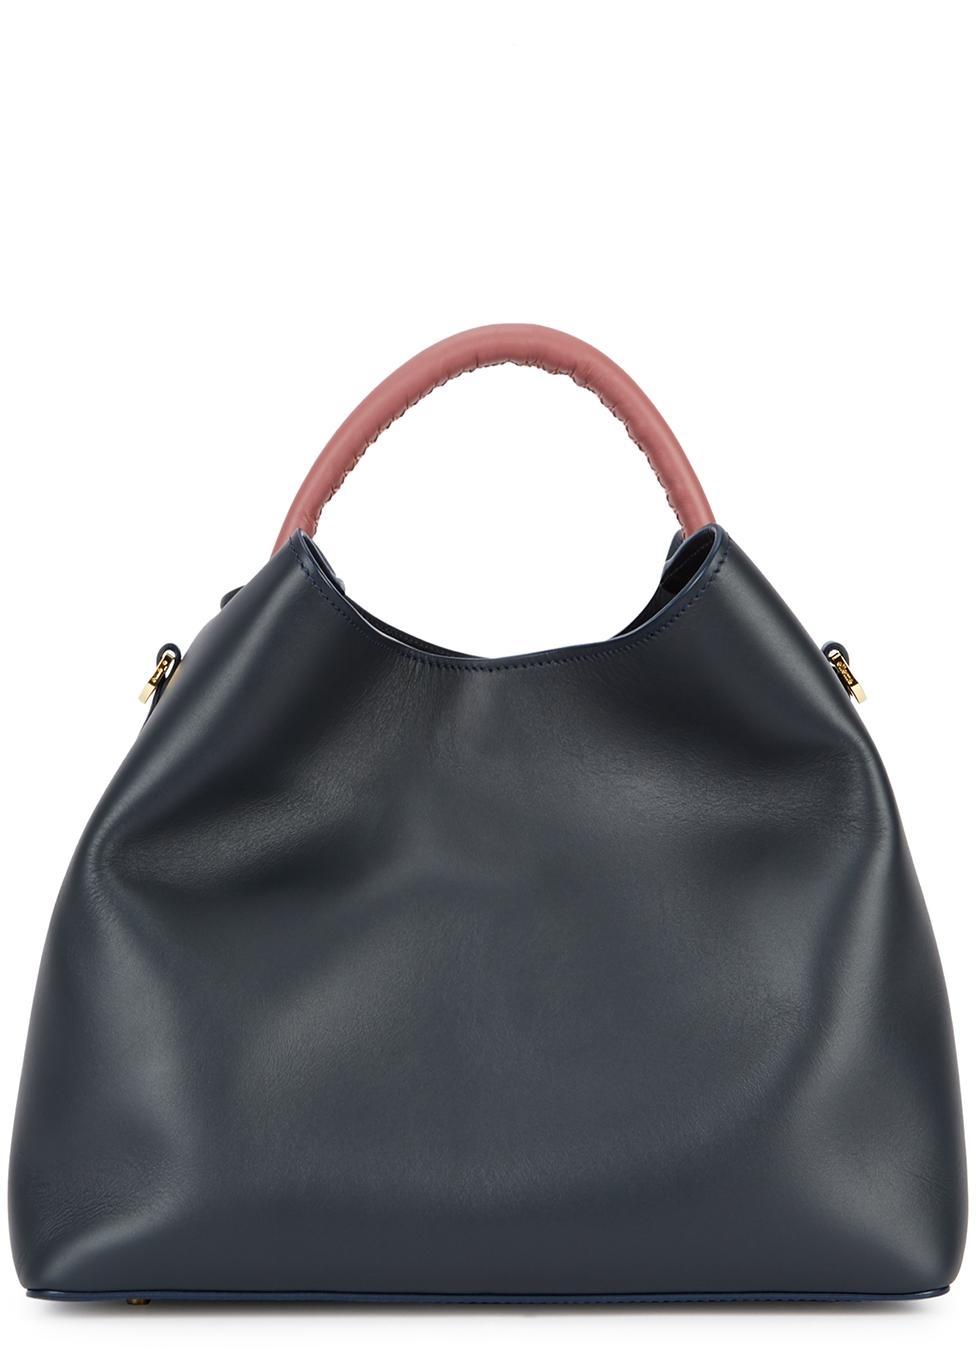 ELLEME Raisin Navy Leather Shoulder Bag